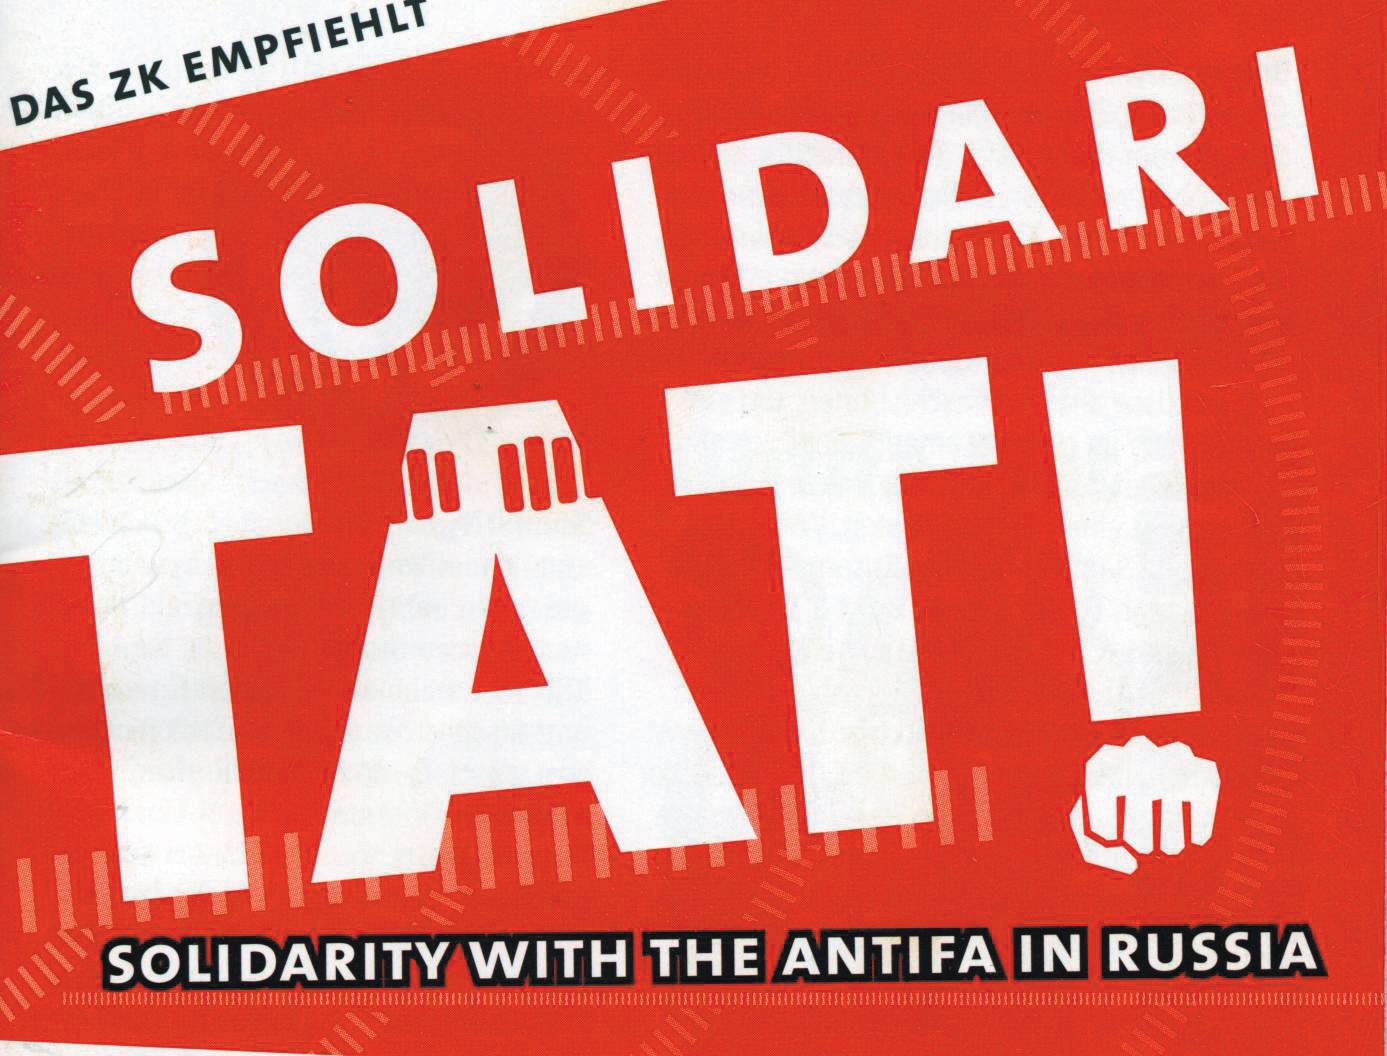 Sampler Solidarität mit russischen Antifas